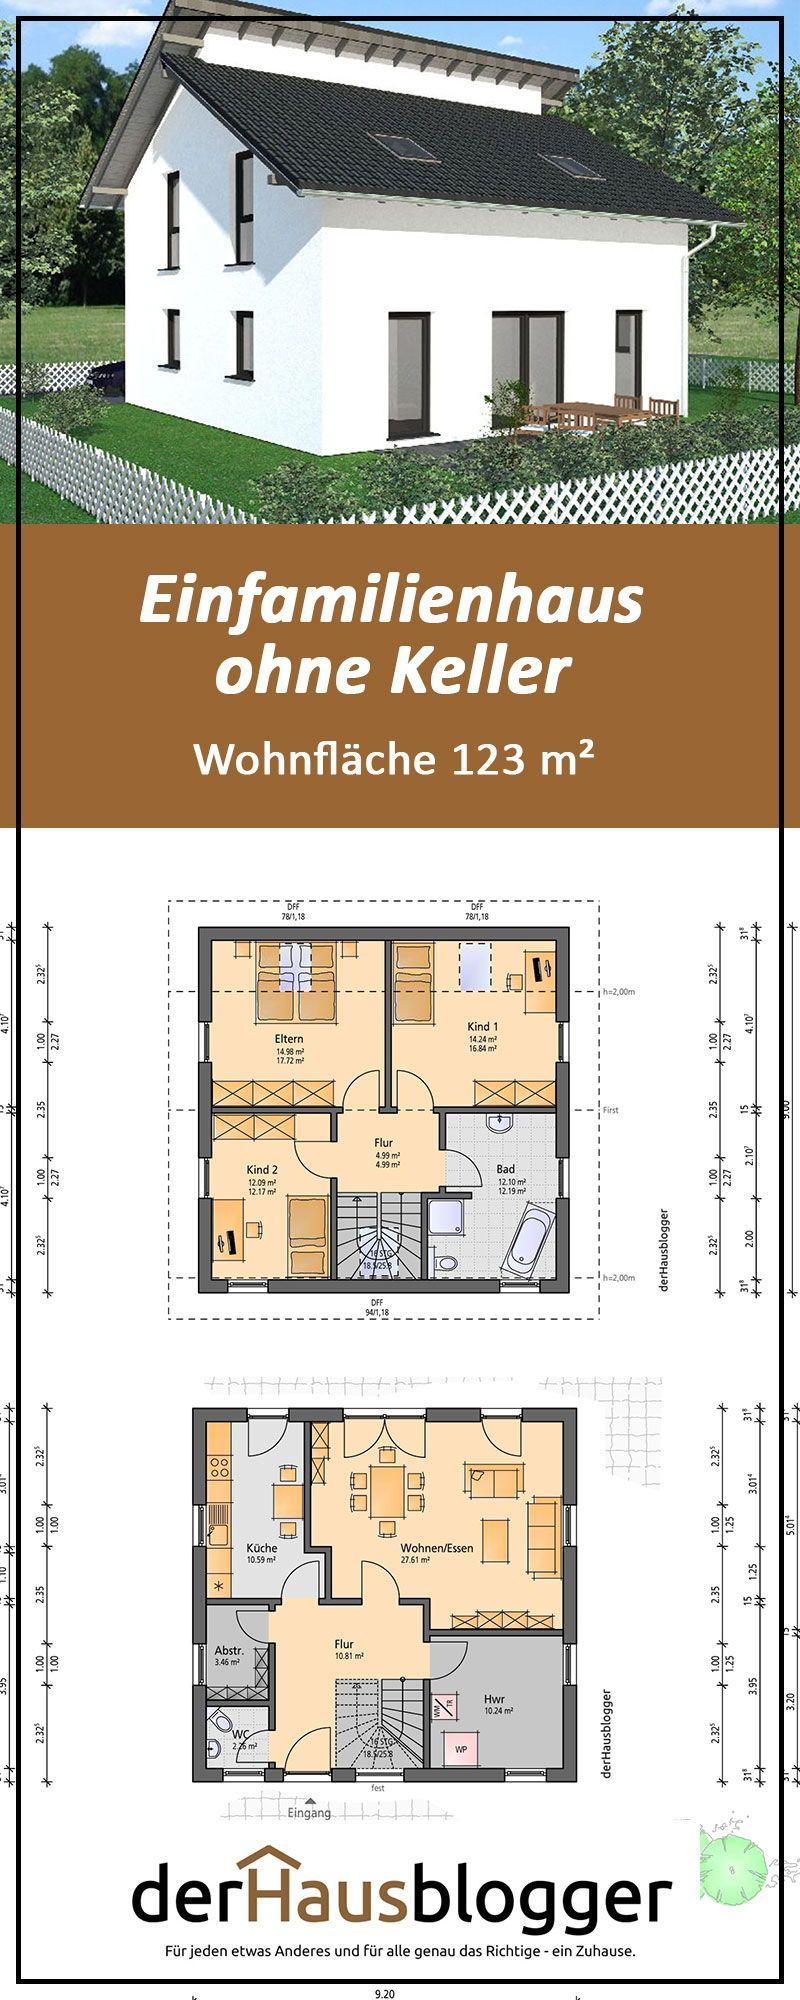 Dieses schlichte Einfamilienhaus mit einer Wohnfläche von gut 123 m² steht in der Nähe von